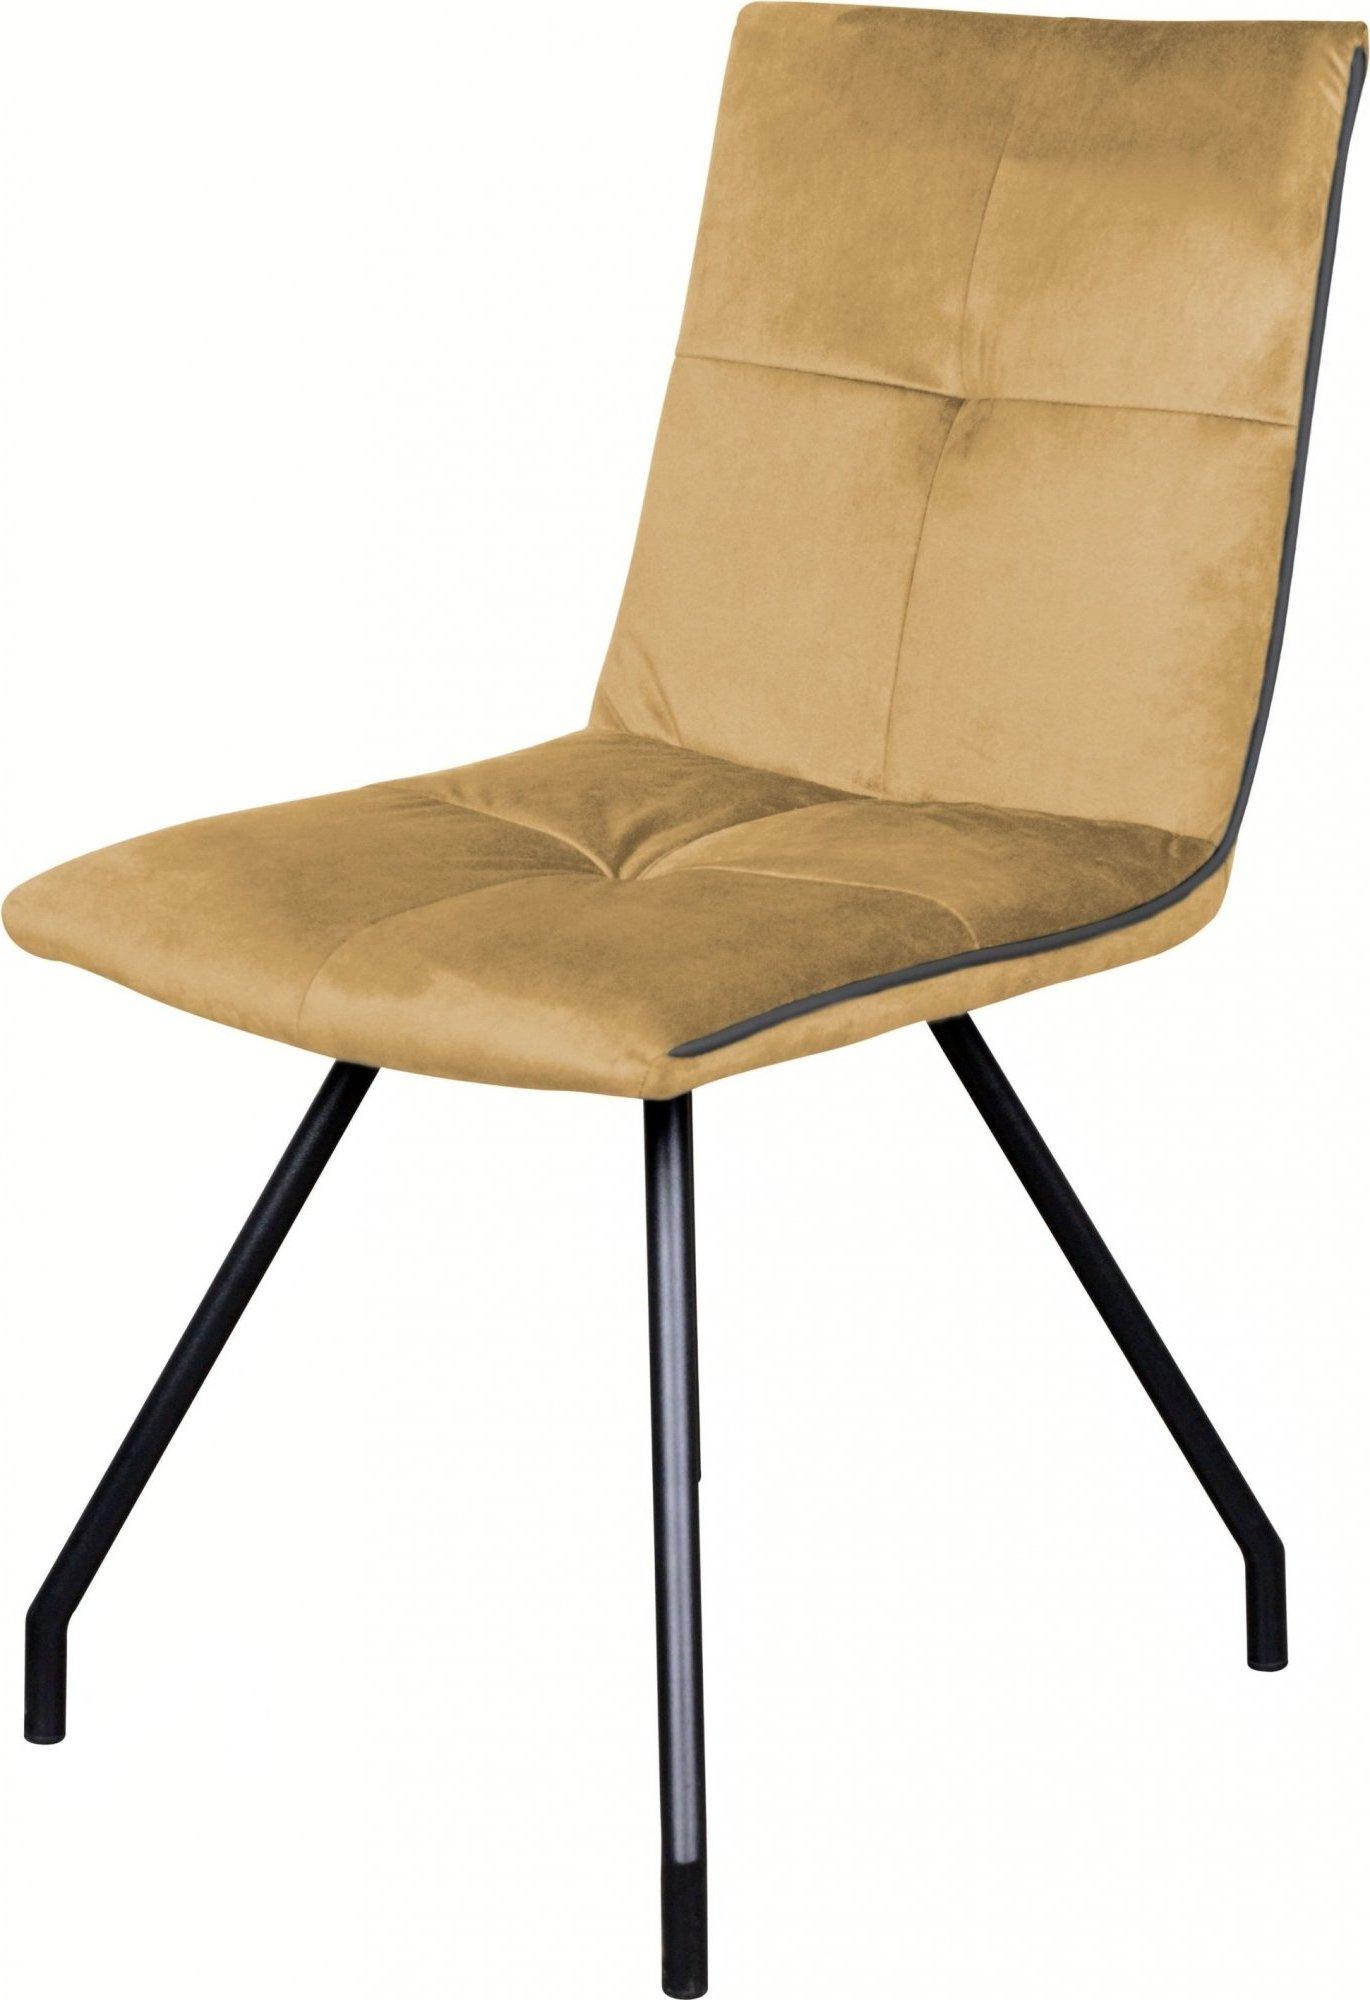 maison du monde Chaise design velours rembourrée couleur beige (lot de 2)